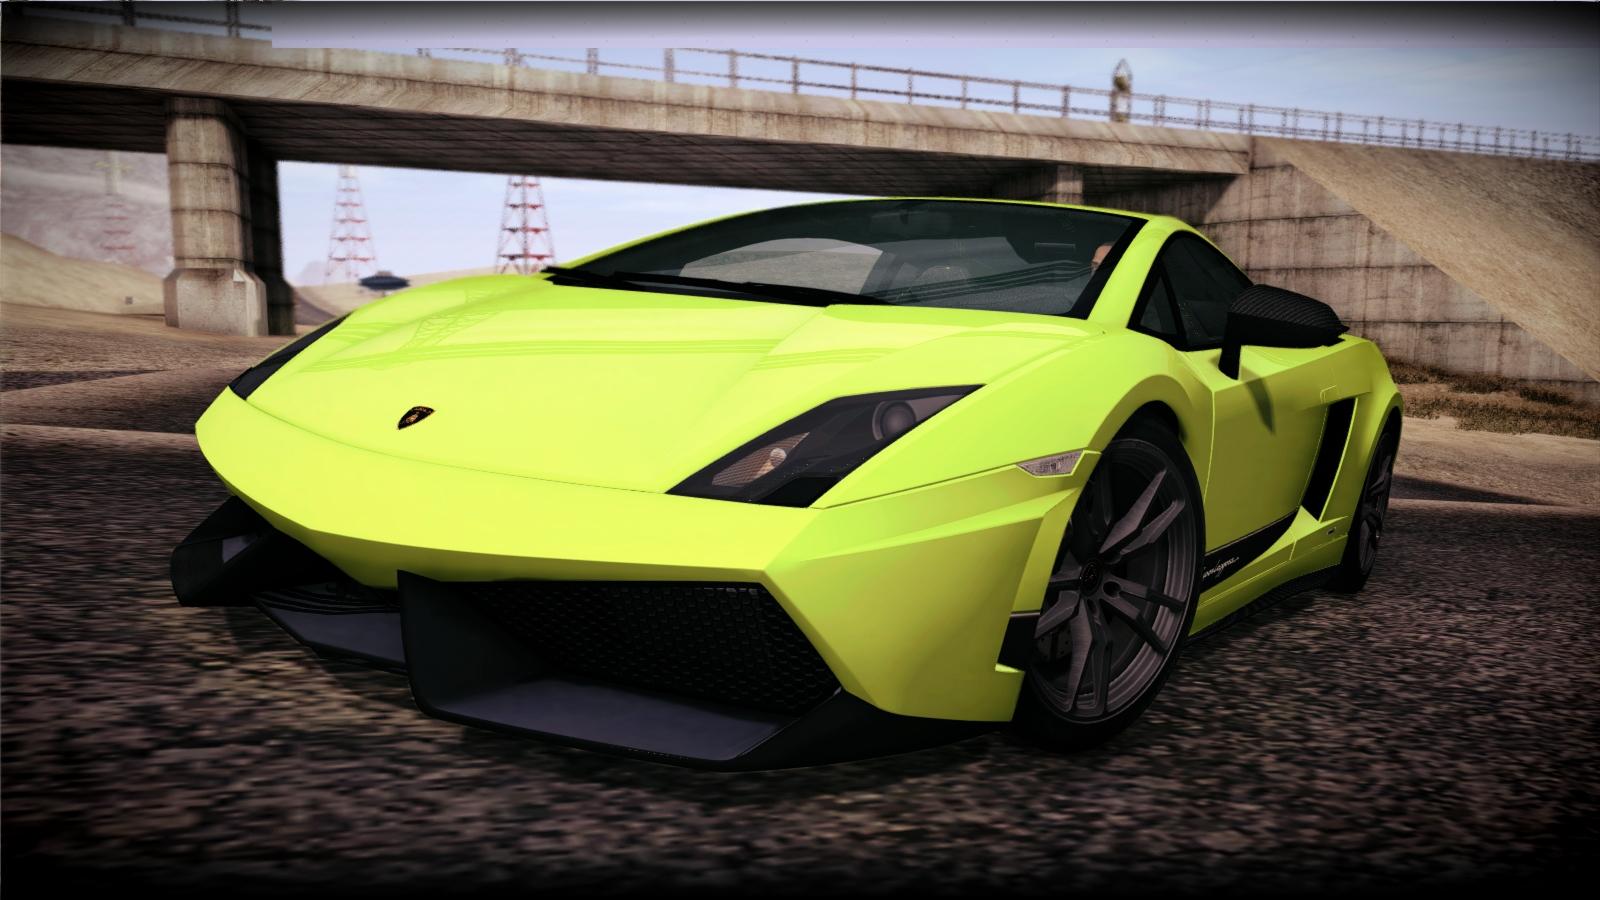 lamborghini gallardo lp570 4 superleggera 2011 - Lamborghini Gallardo Superleggera Lp570 4 Yellow